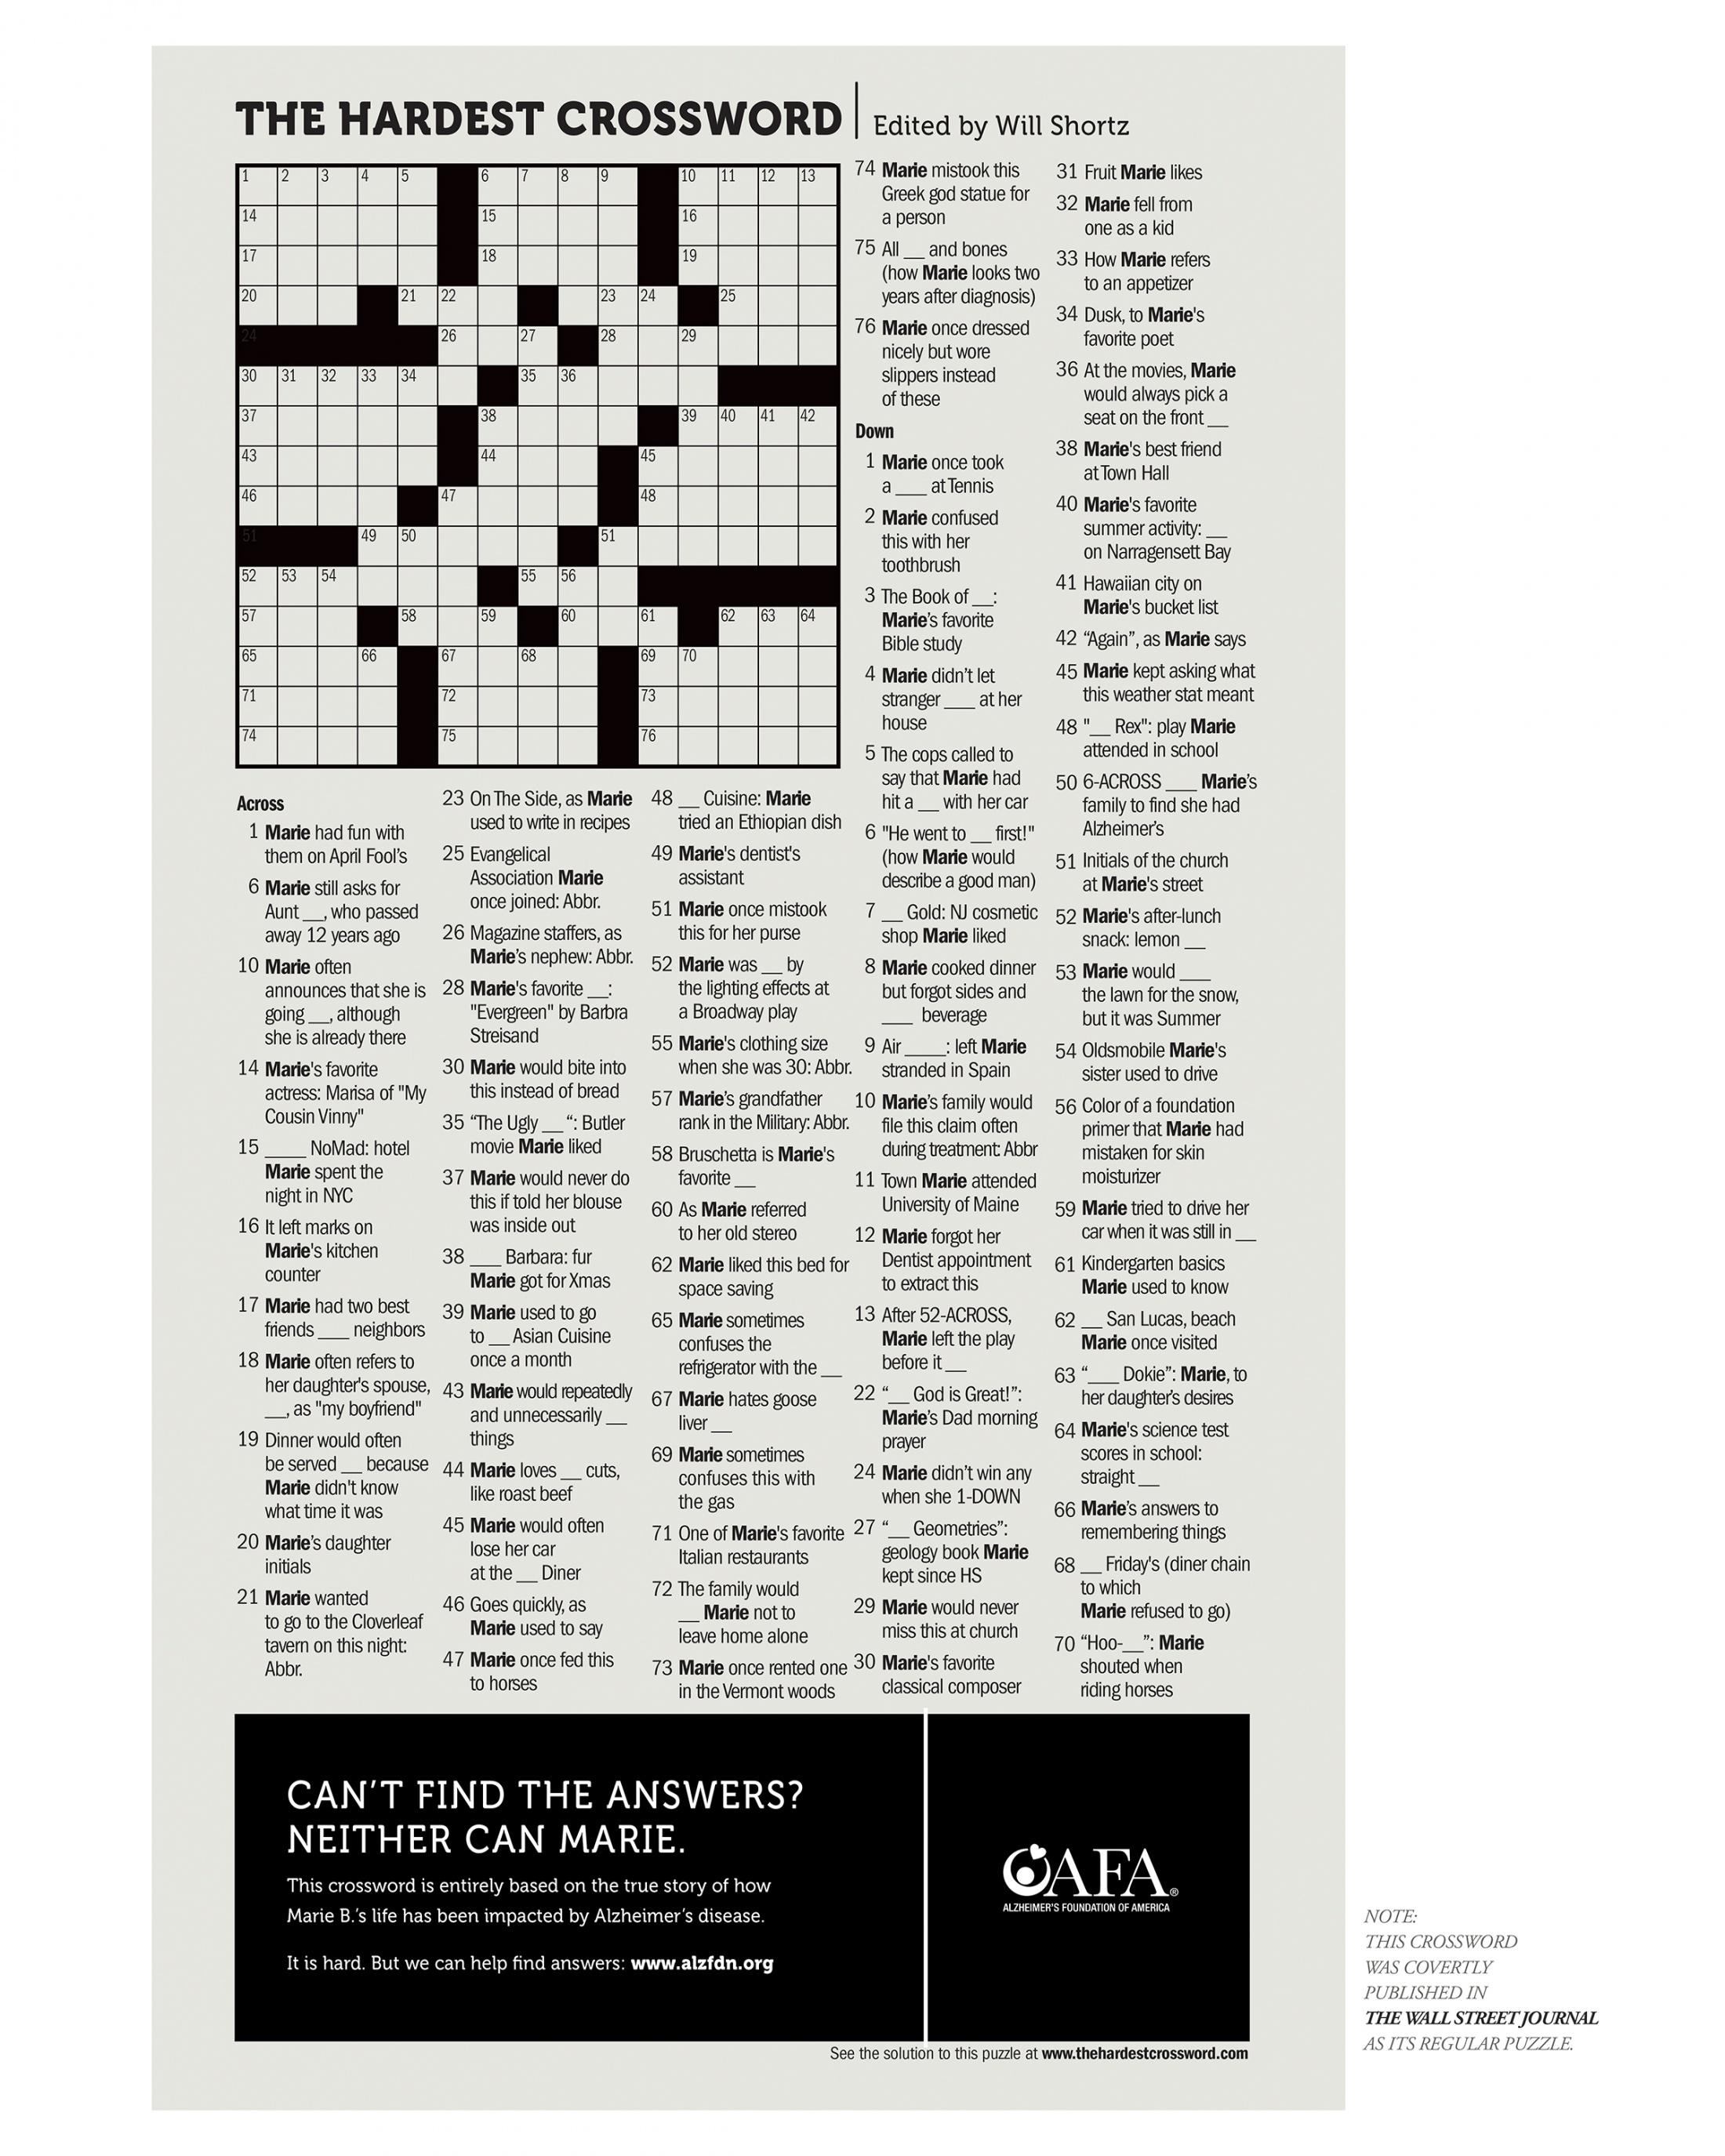 Thumbnail for The Hardest Crossword - Marie's Crossword